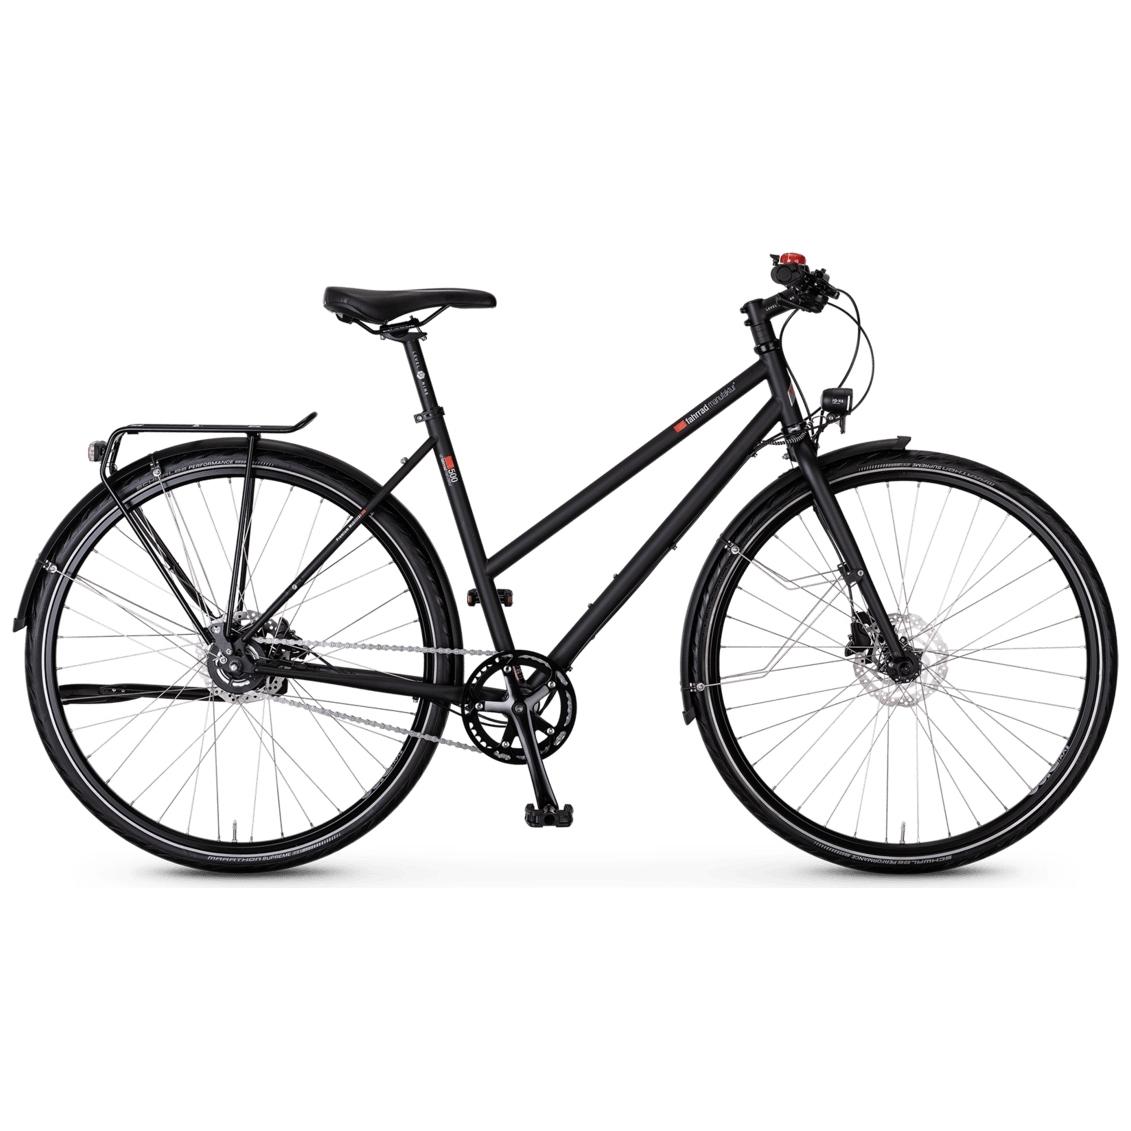 vsf fahrradmanufaktur T-500 Disc Alfine - Damen Trekkingrad - 2021 - ebony matt